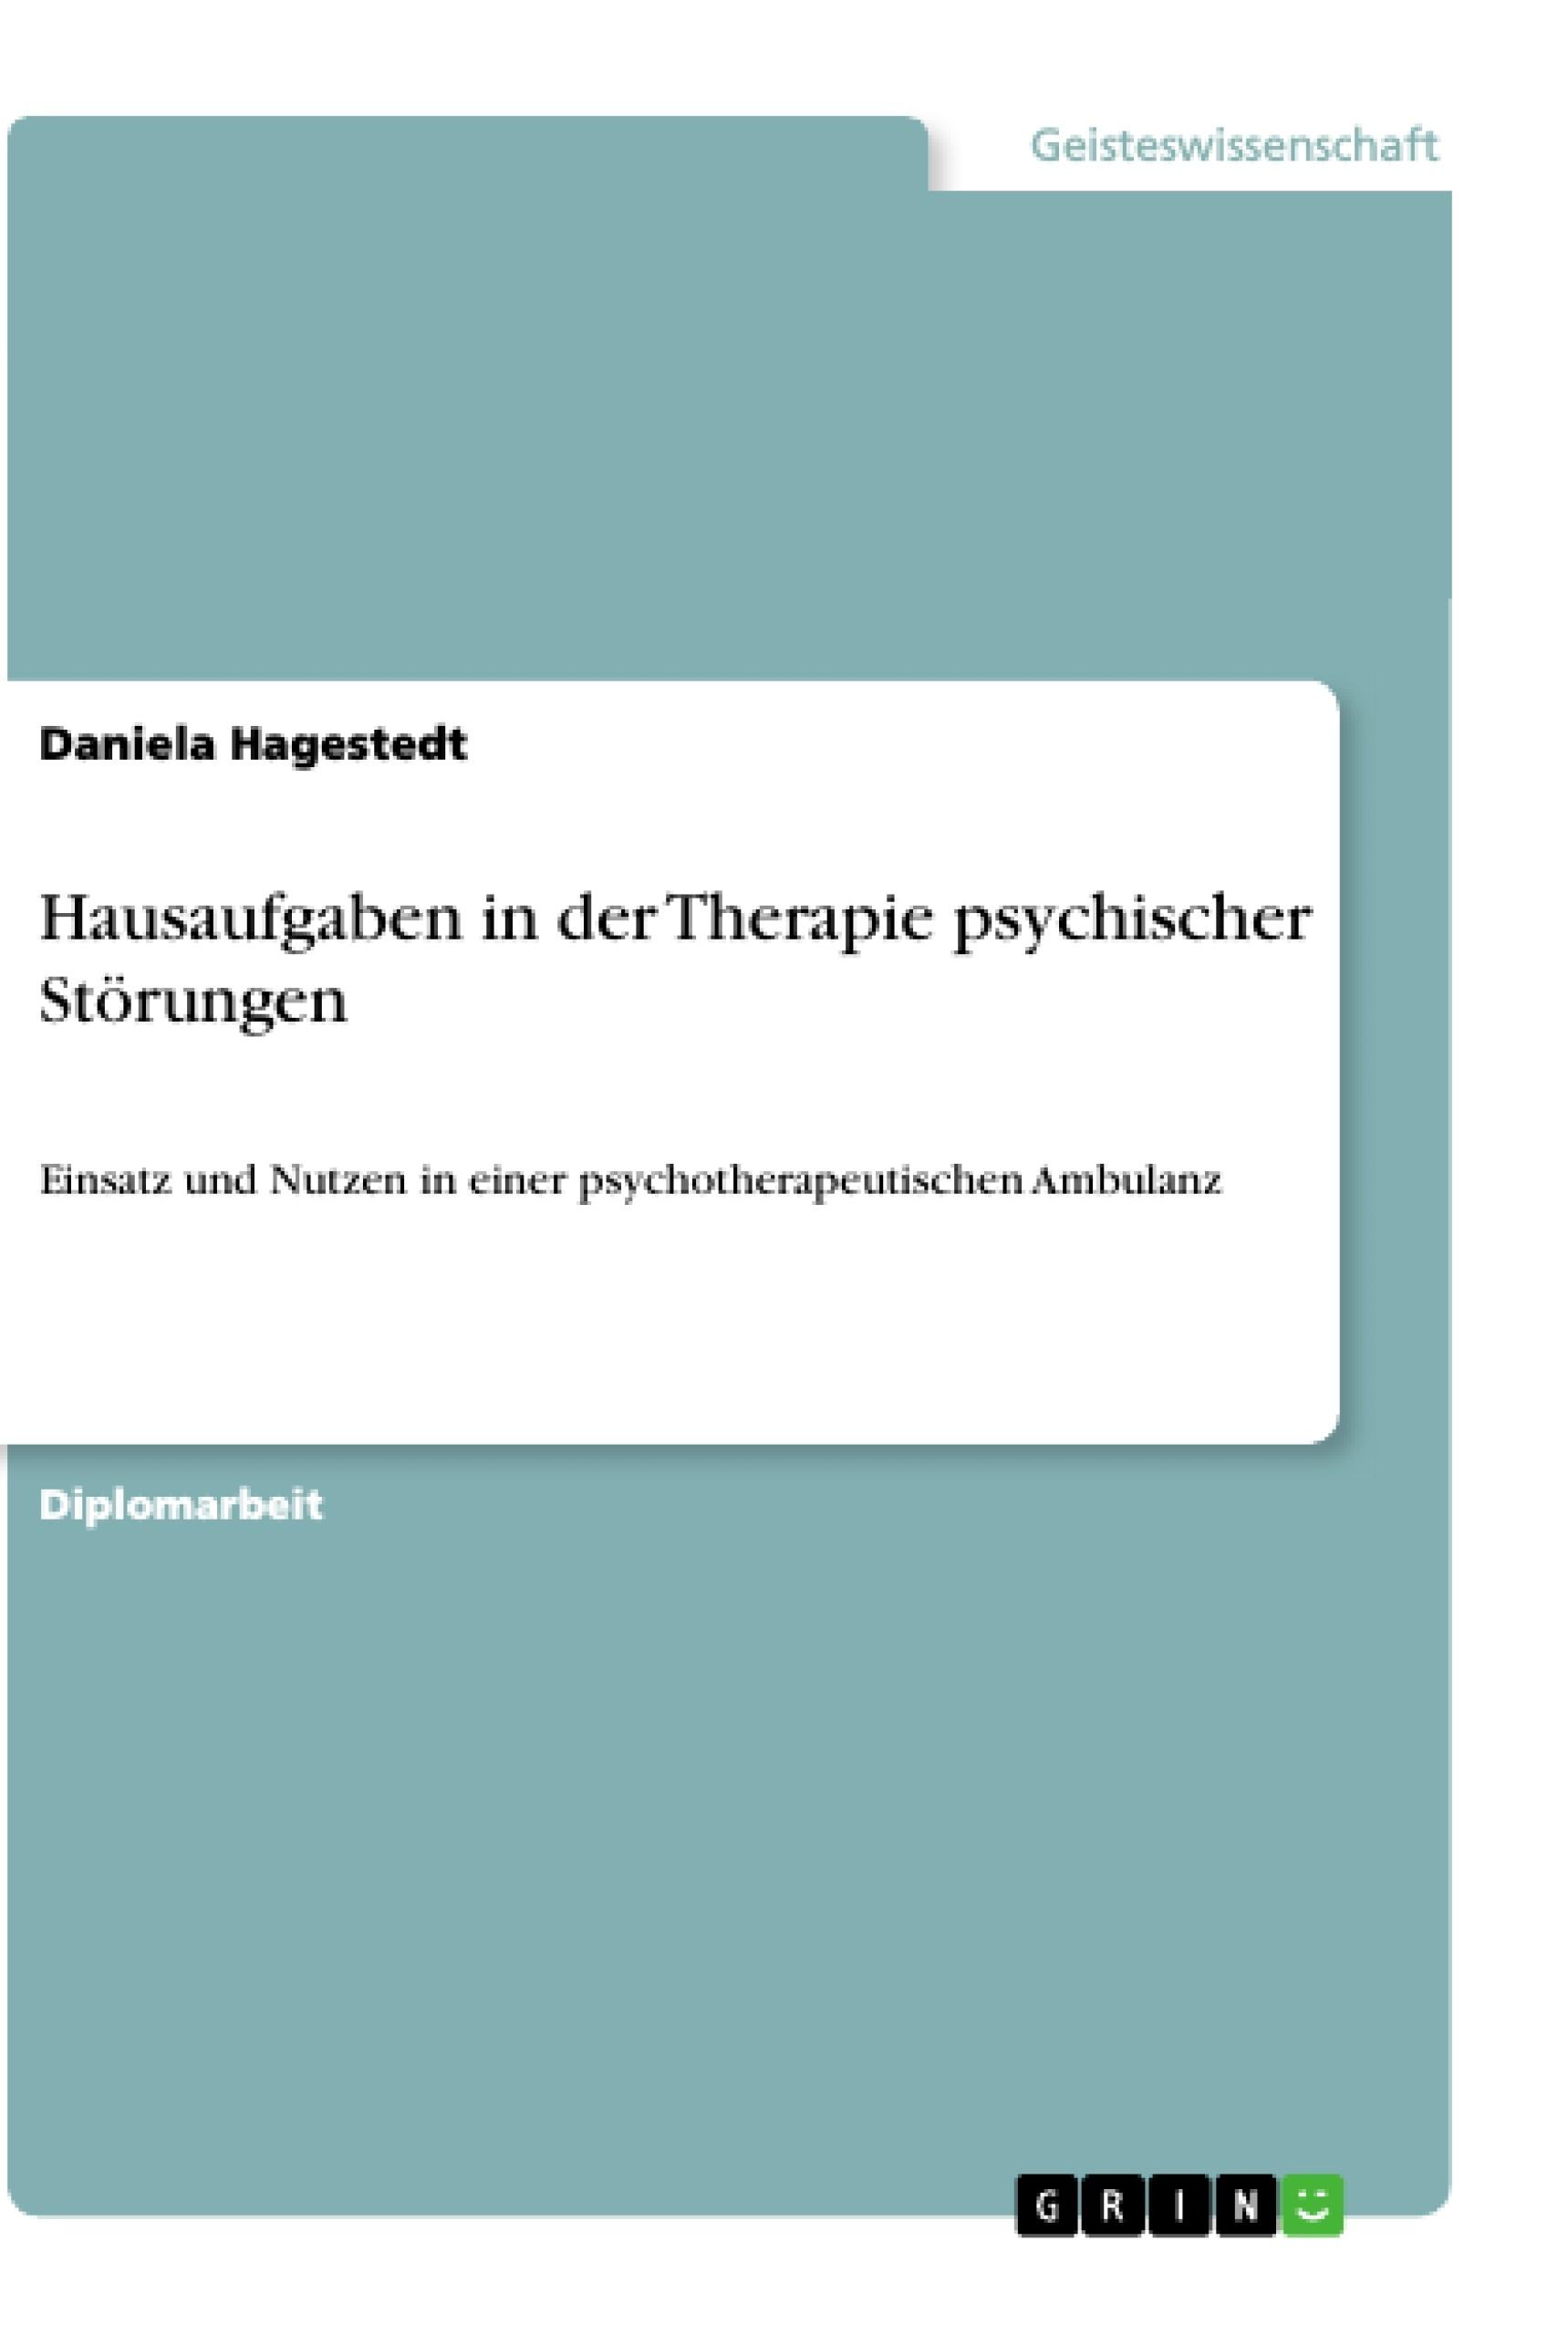 Titel: Hausaufgaben in der Therapie psychischer Störungen